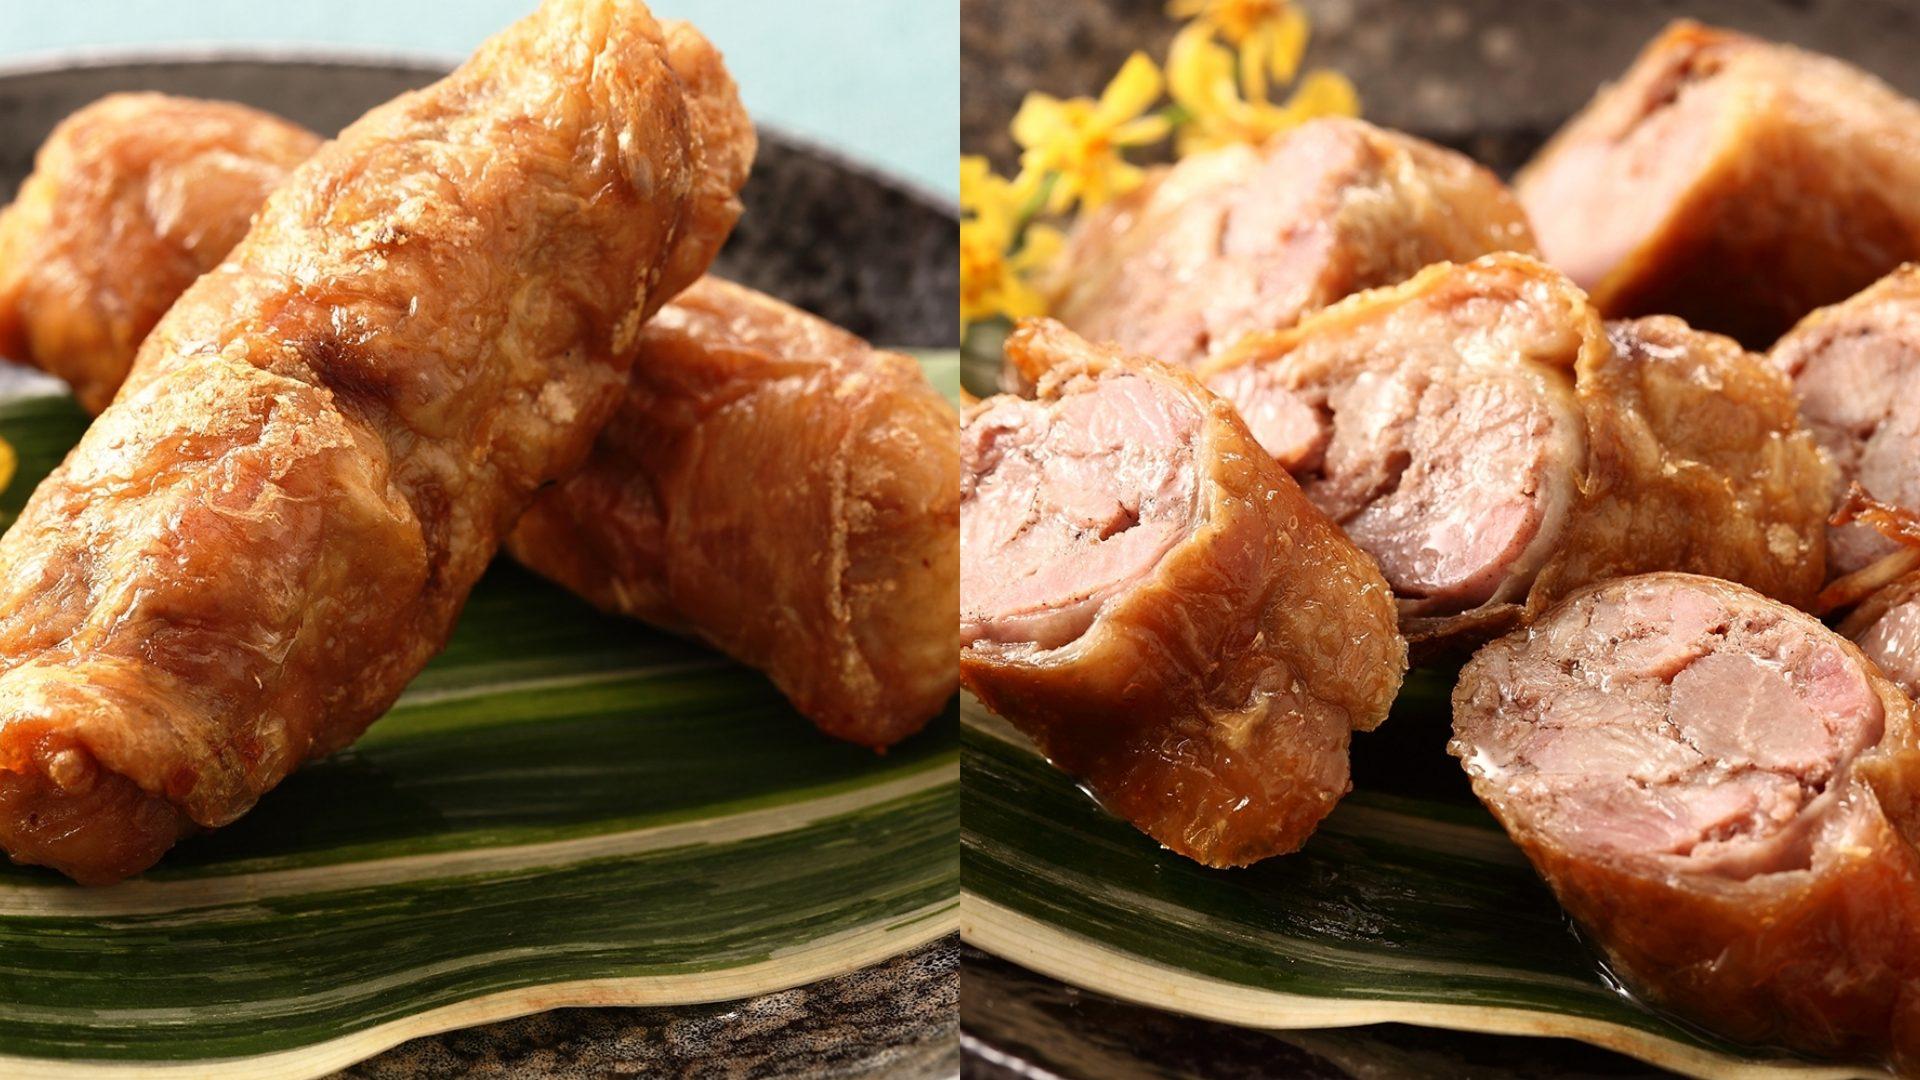 嚴選細嫩的雞腿肉,外面包裹酥脆的外皮,烤過之後外皮的口感脆、裡面的肉一口咬下就爆漿,吃起來真的超療癒!